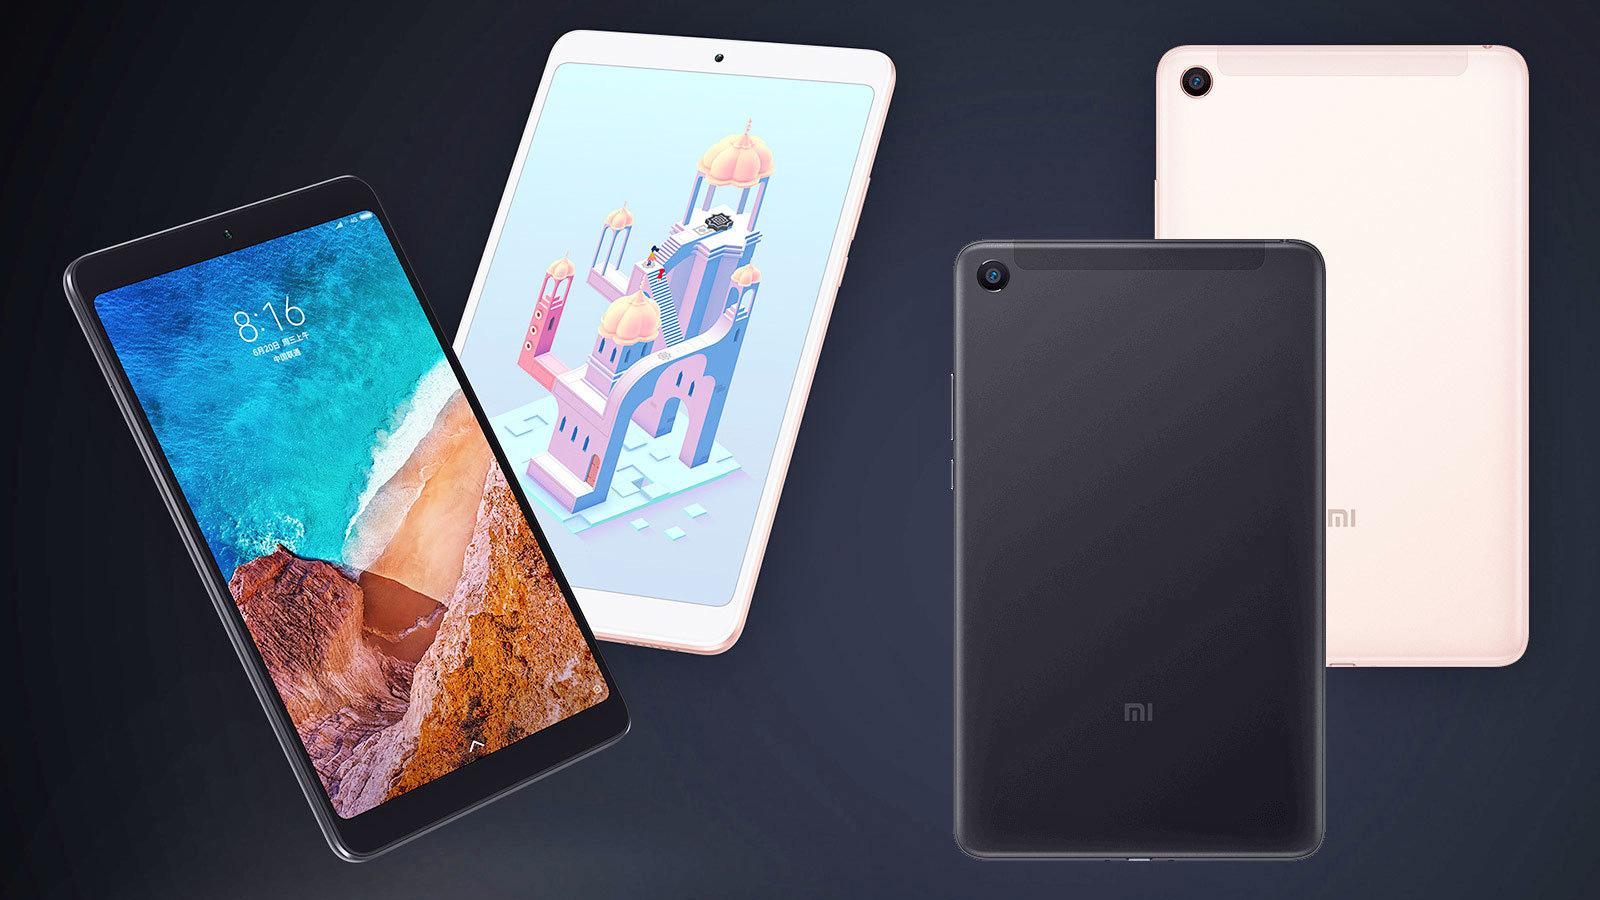 May-tinh-bang-gia-re-Chon-iPad-cu-hay-cac-dong-Android-Tablet-moi-3